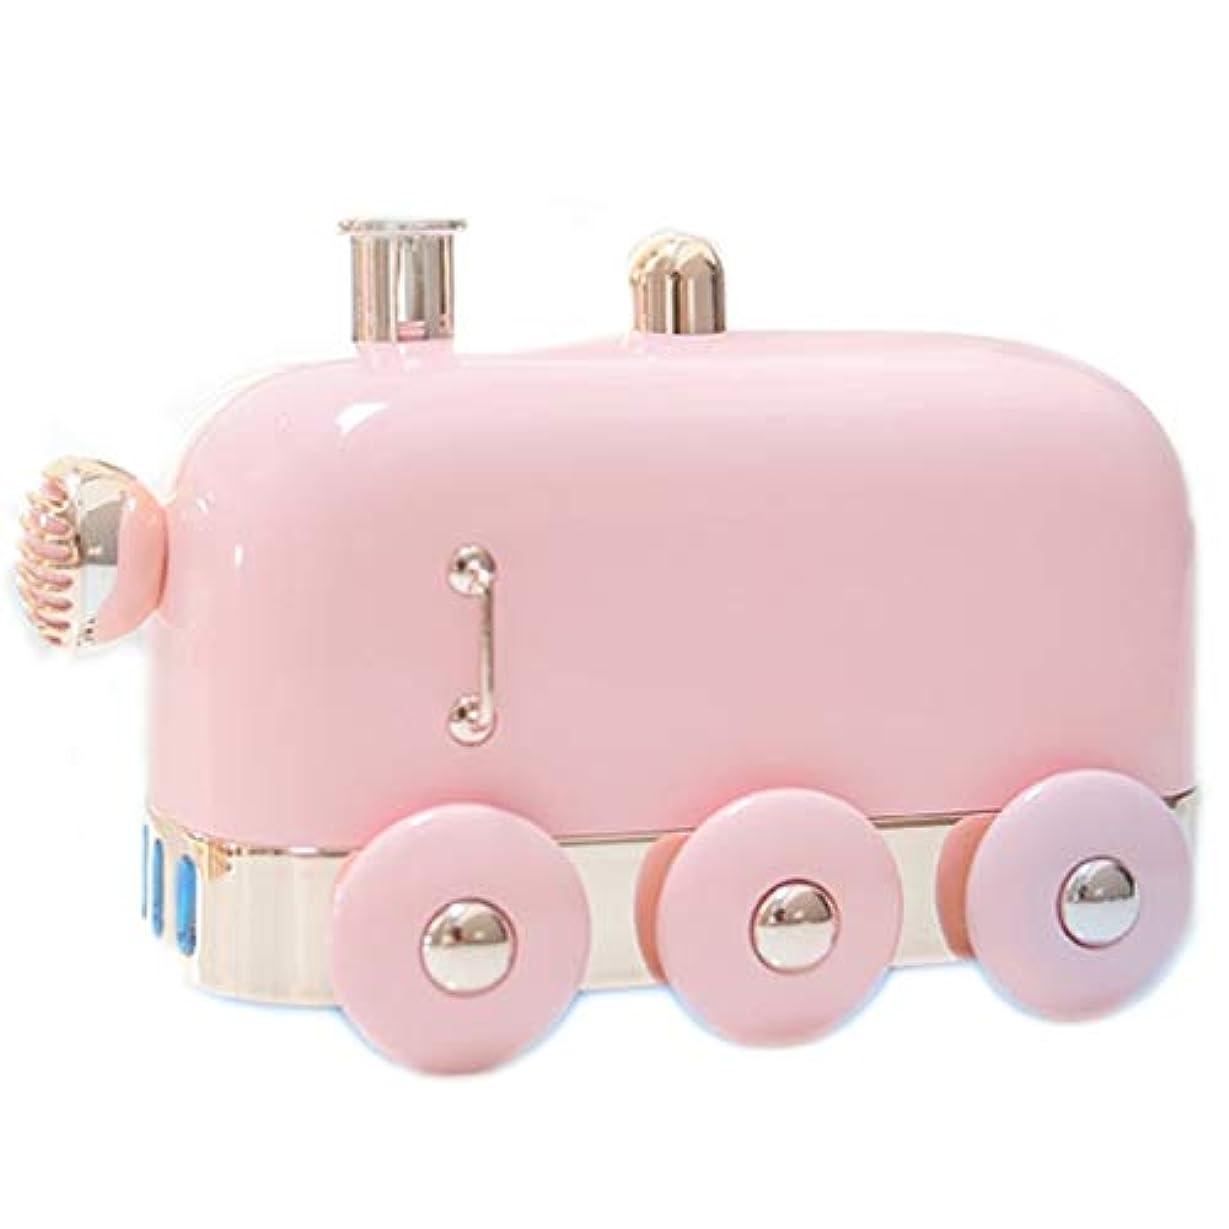 平凡右悪化させるアロマセラピーエッセンシャルオイルディフューザー、アロマディフューザークールミスト加湿器ウォーターレスオートシャットオフホームオフィス用ヨガ (Color : Pink)